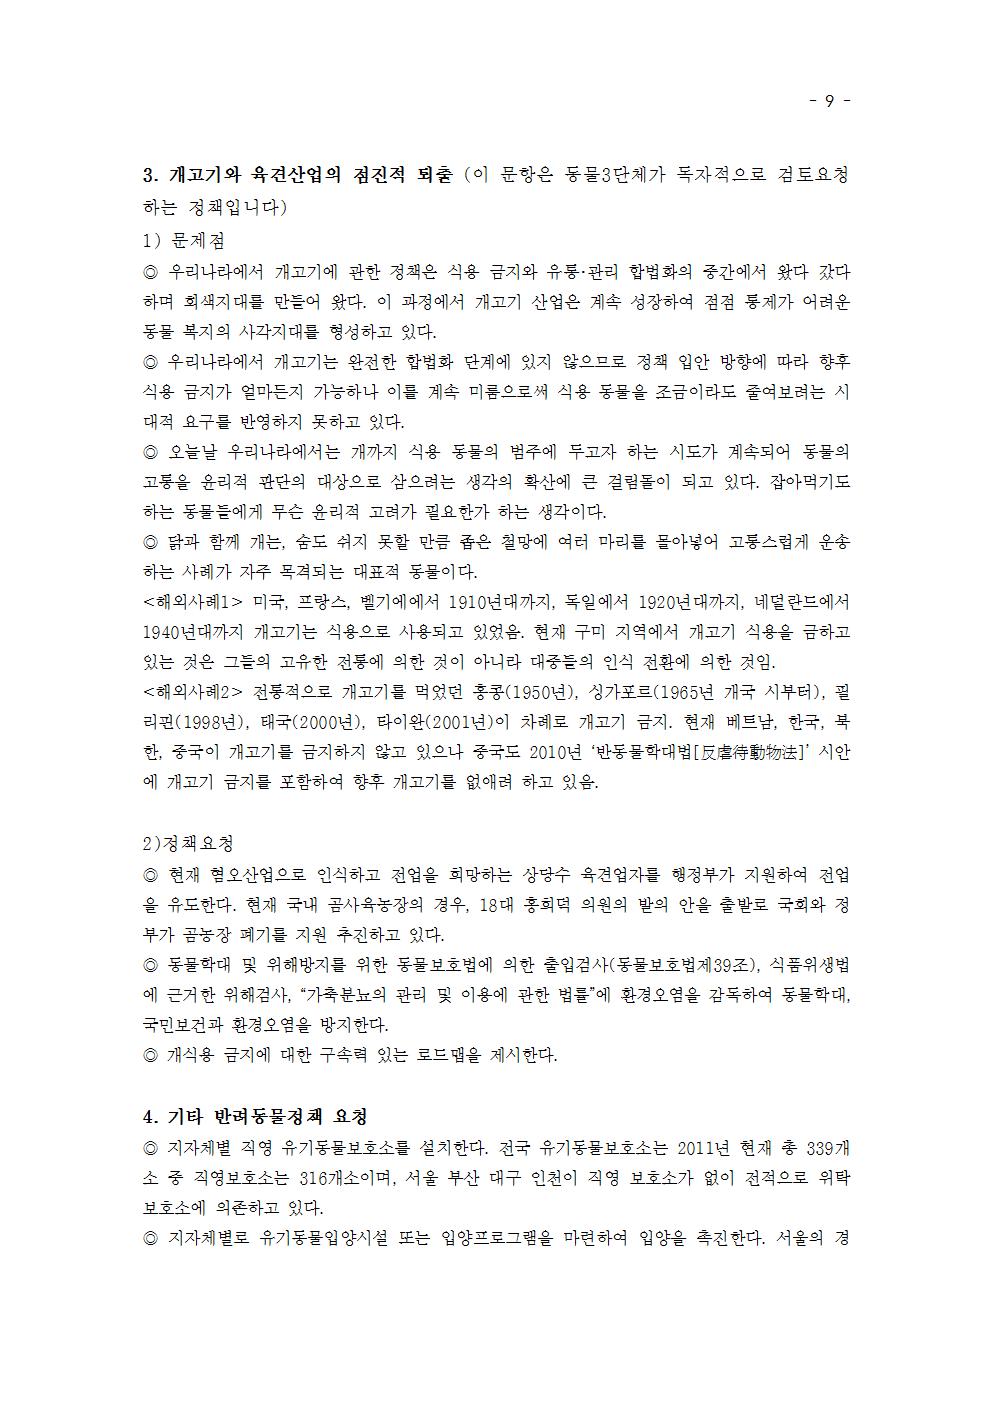 제안서_2012_대선3후보_게시_단축012.png